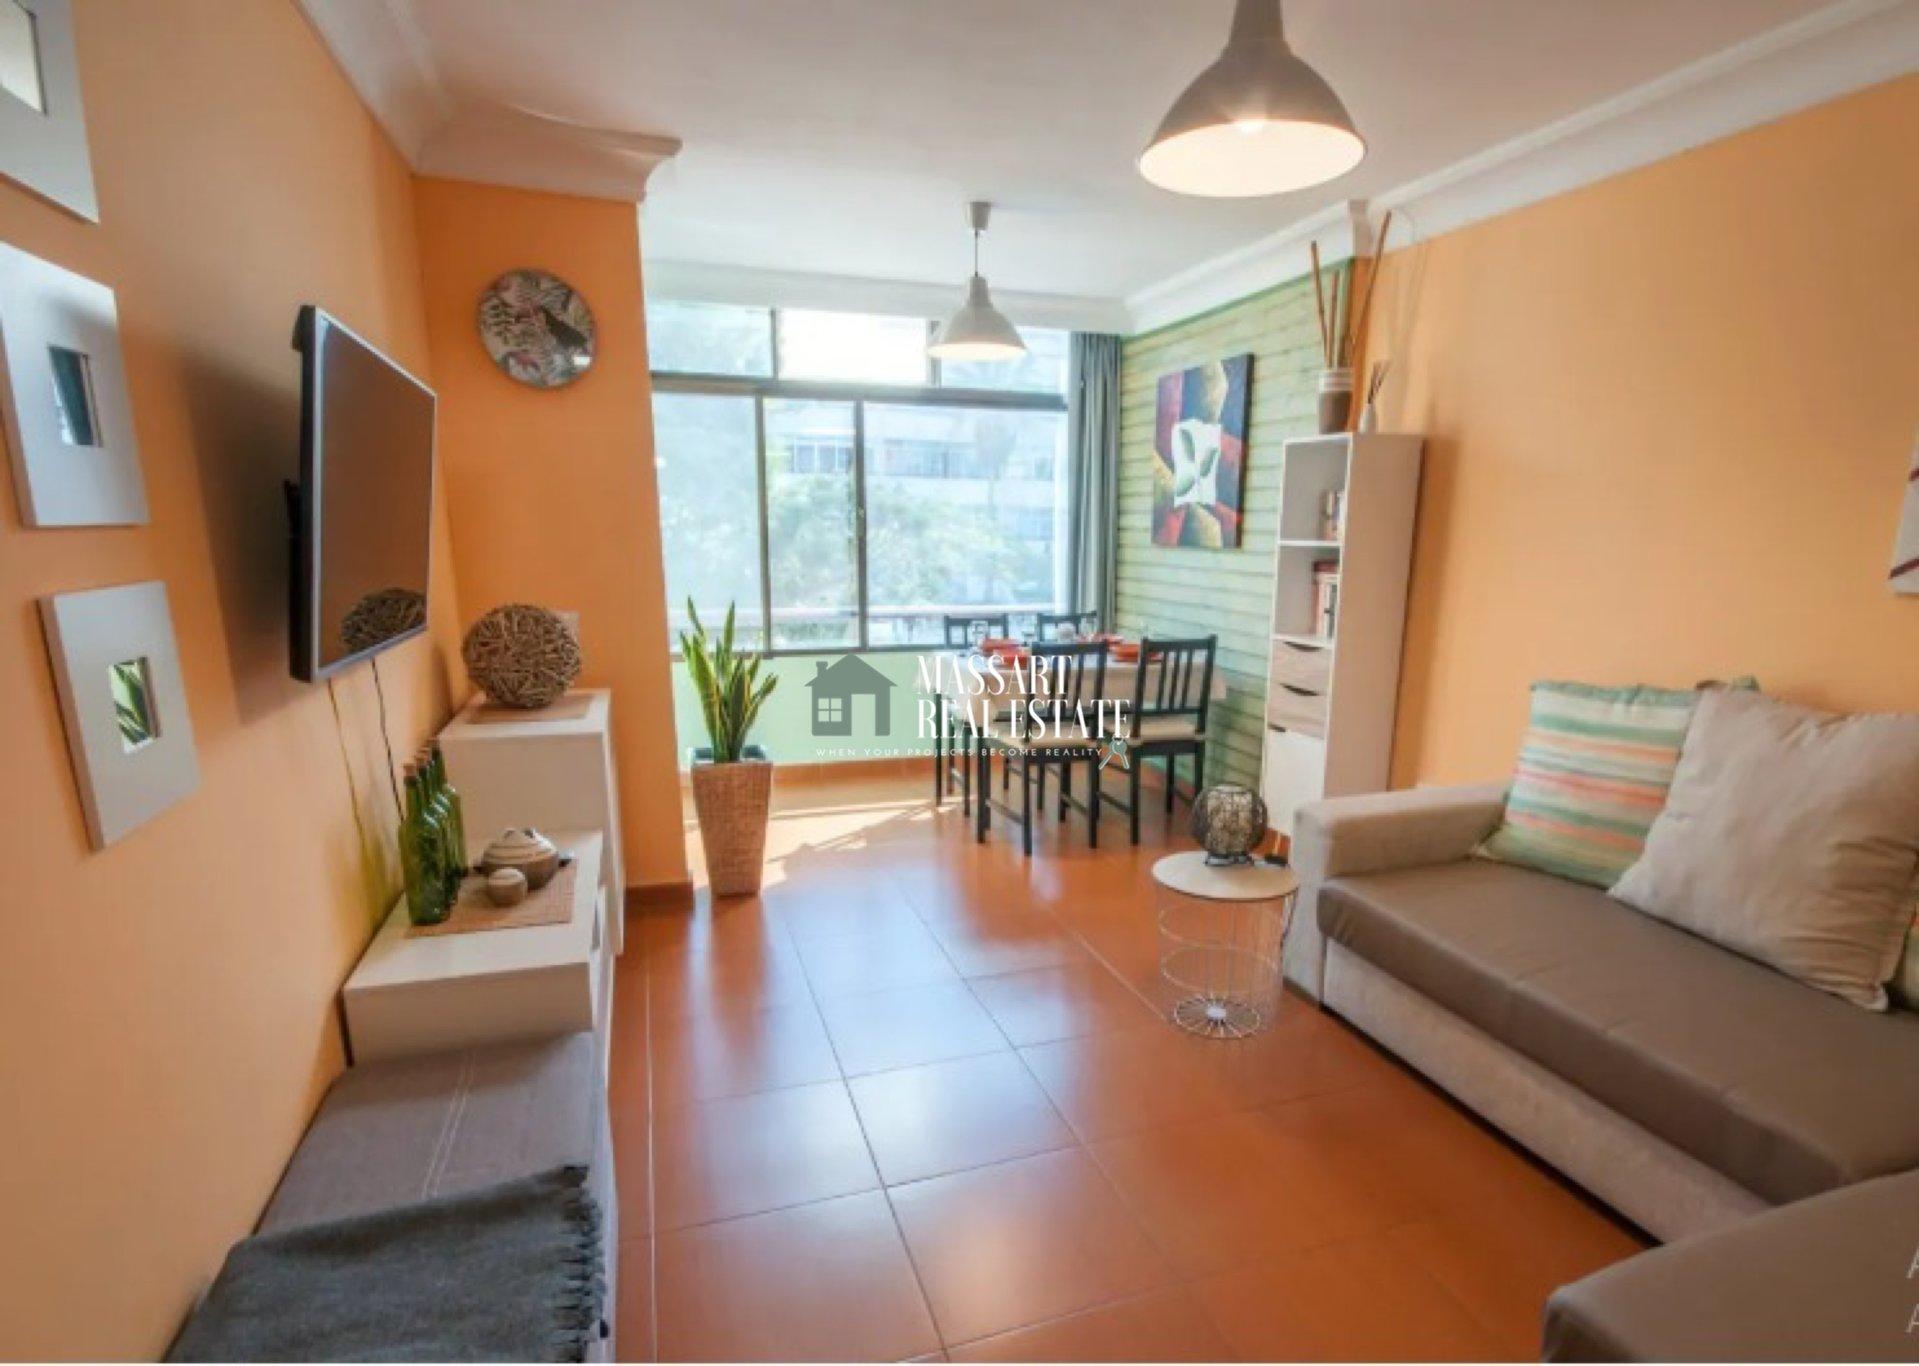 In vendita a Costa del Silencio, appartamento di 47 m2 completamente ristrutturato e arredato ... ideale per investimento ... ha una licenza di vacanza!